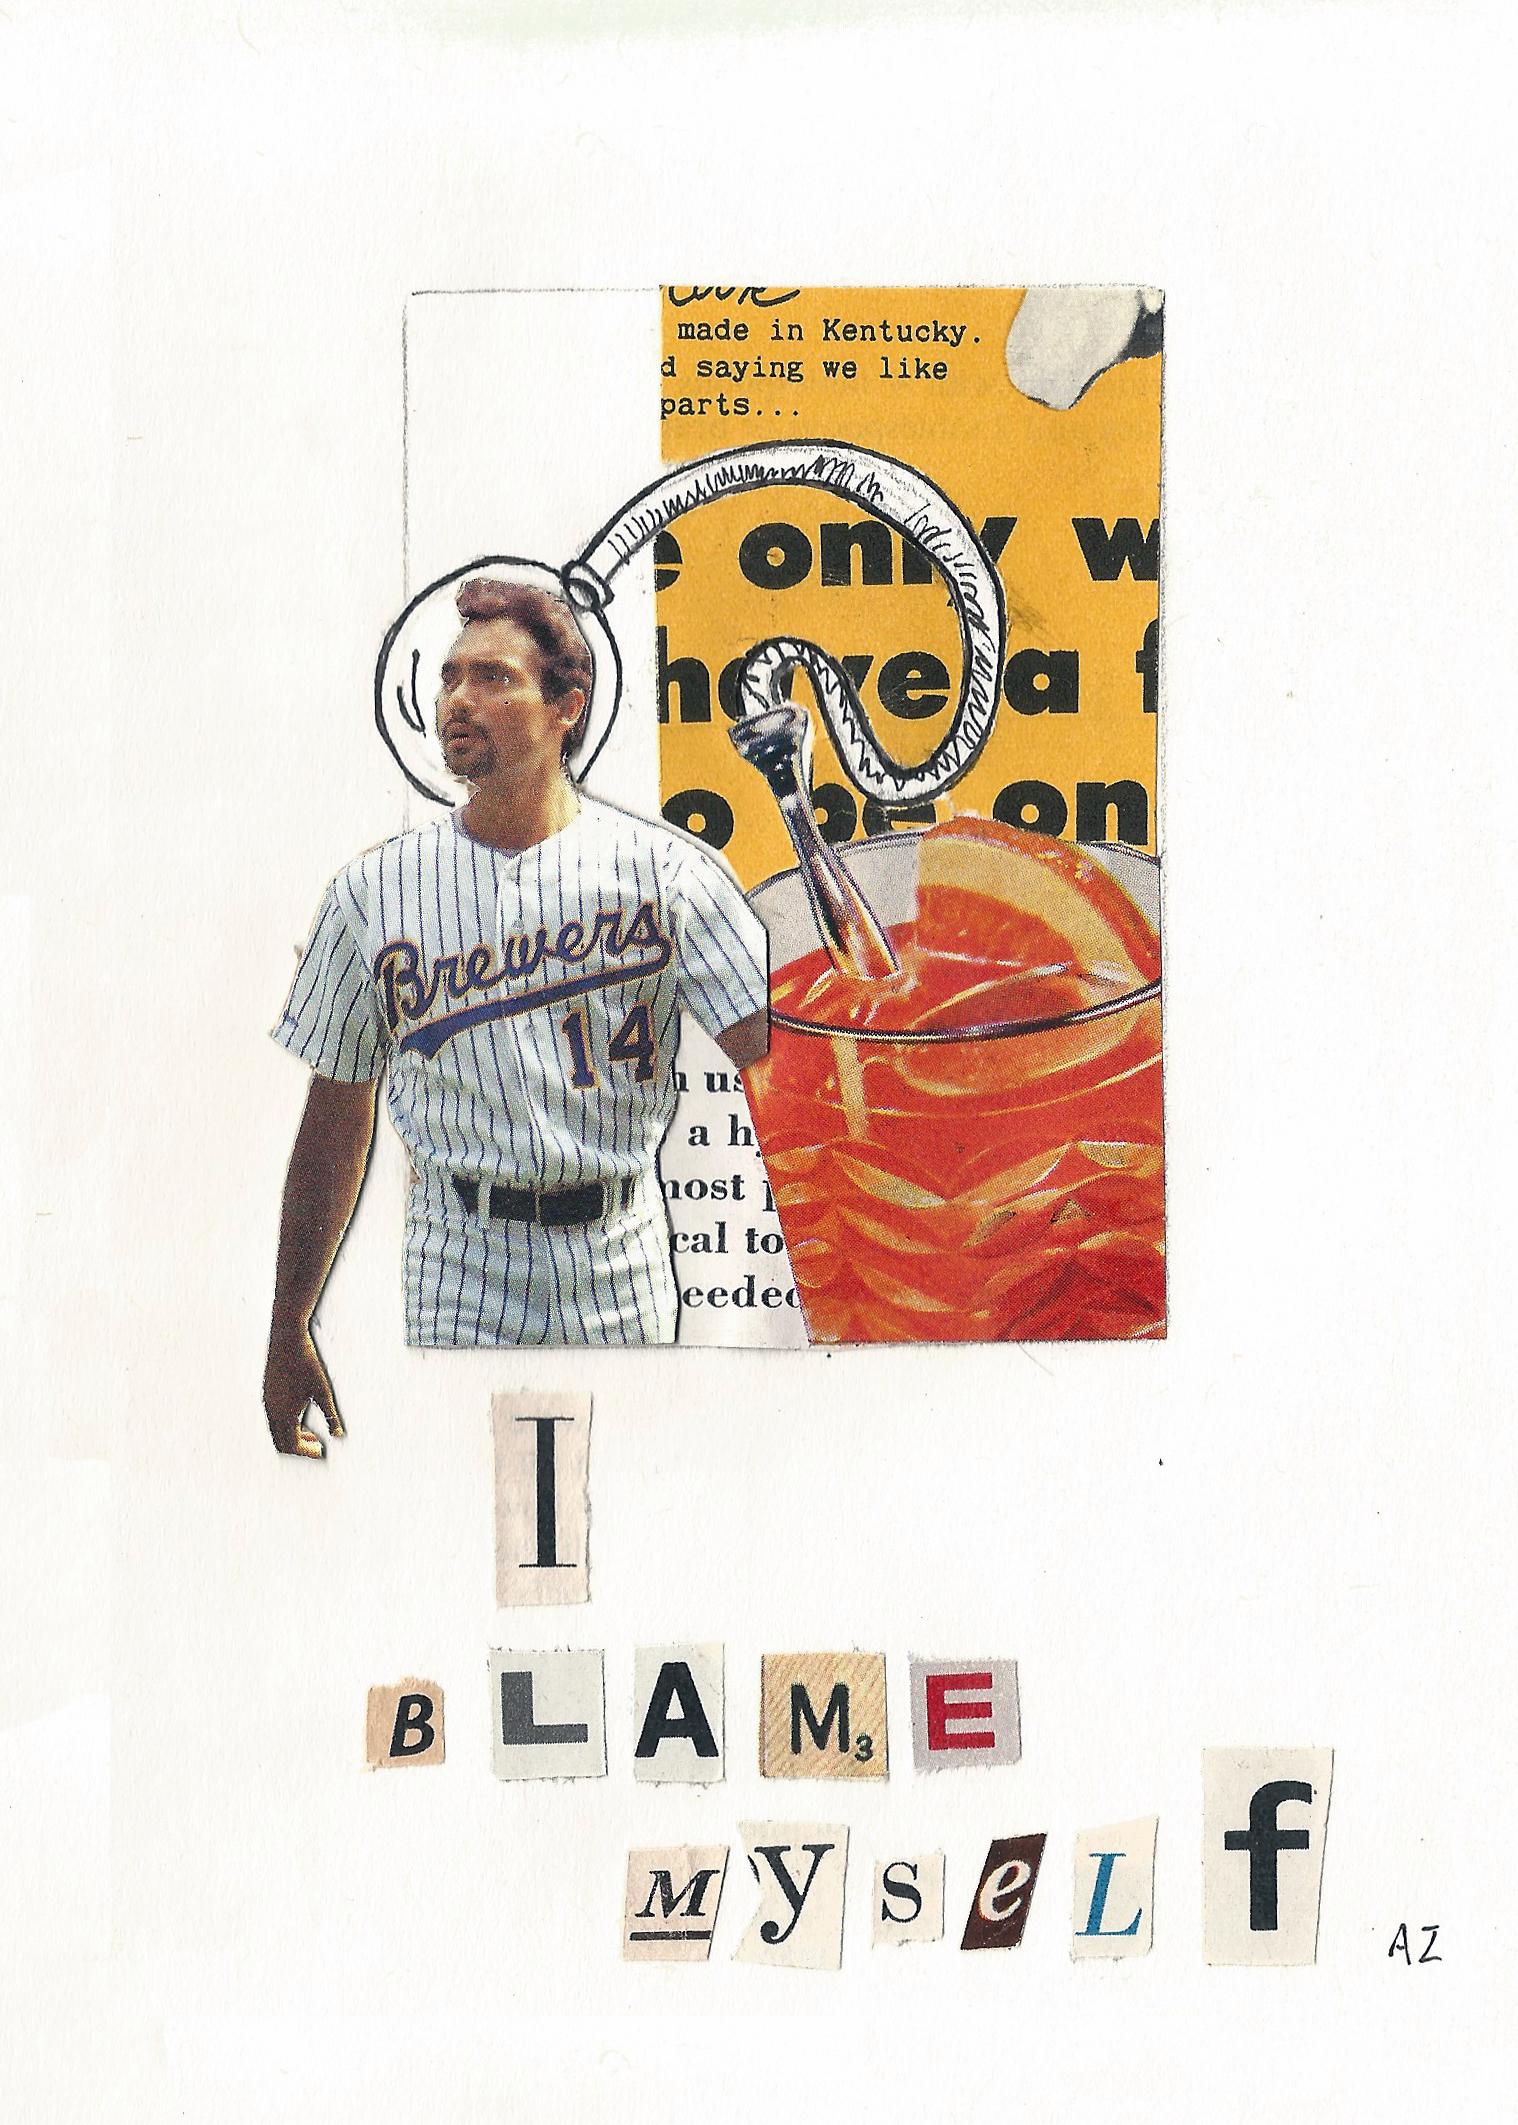 _5i blame myself.png